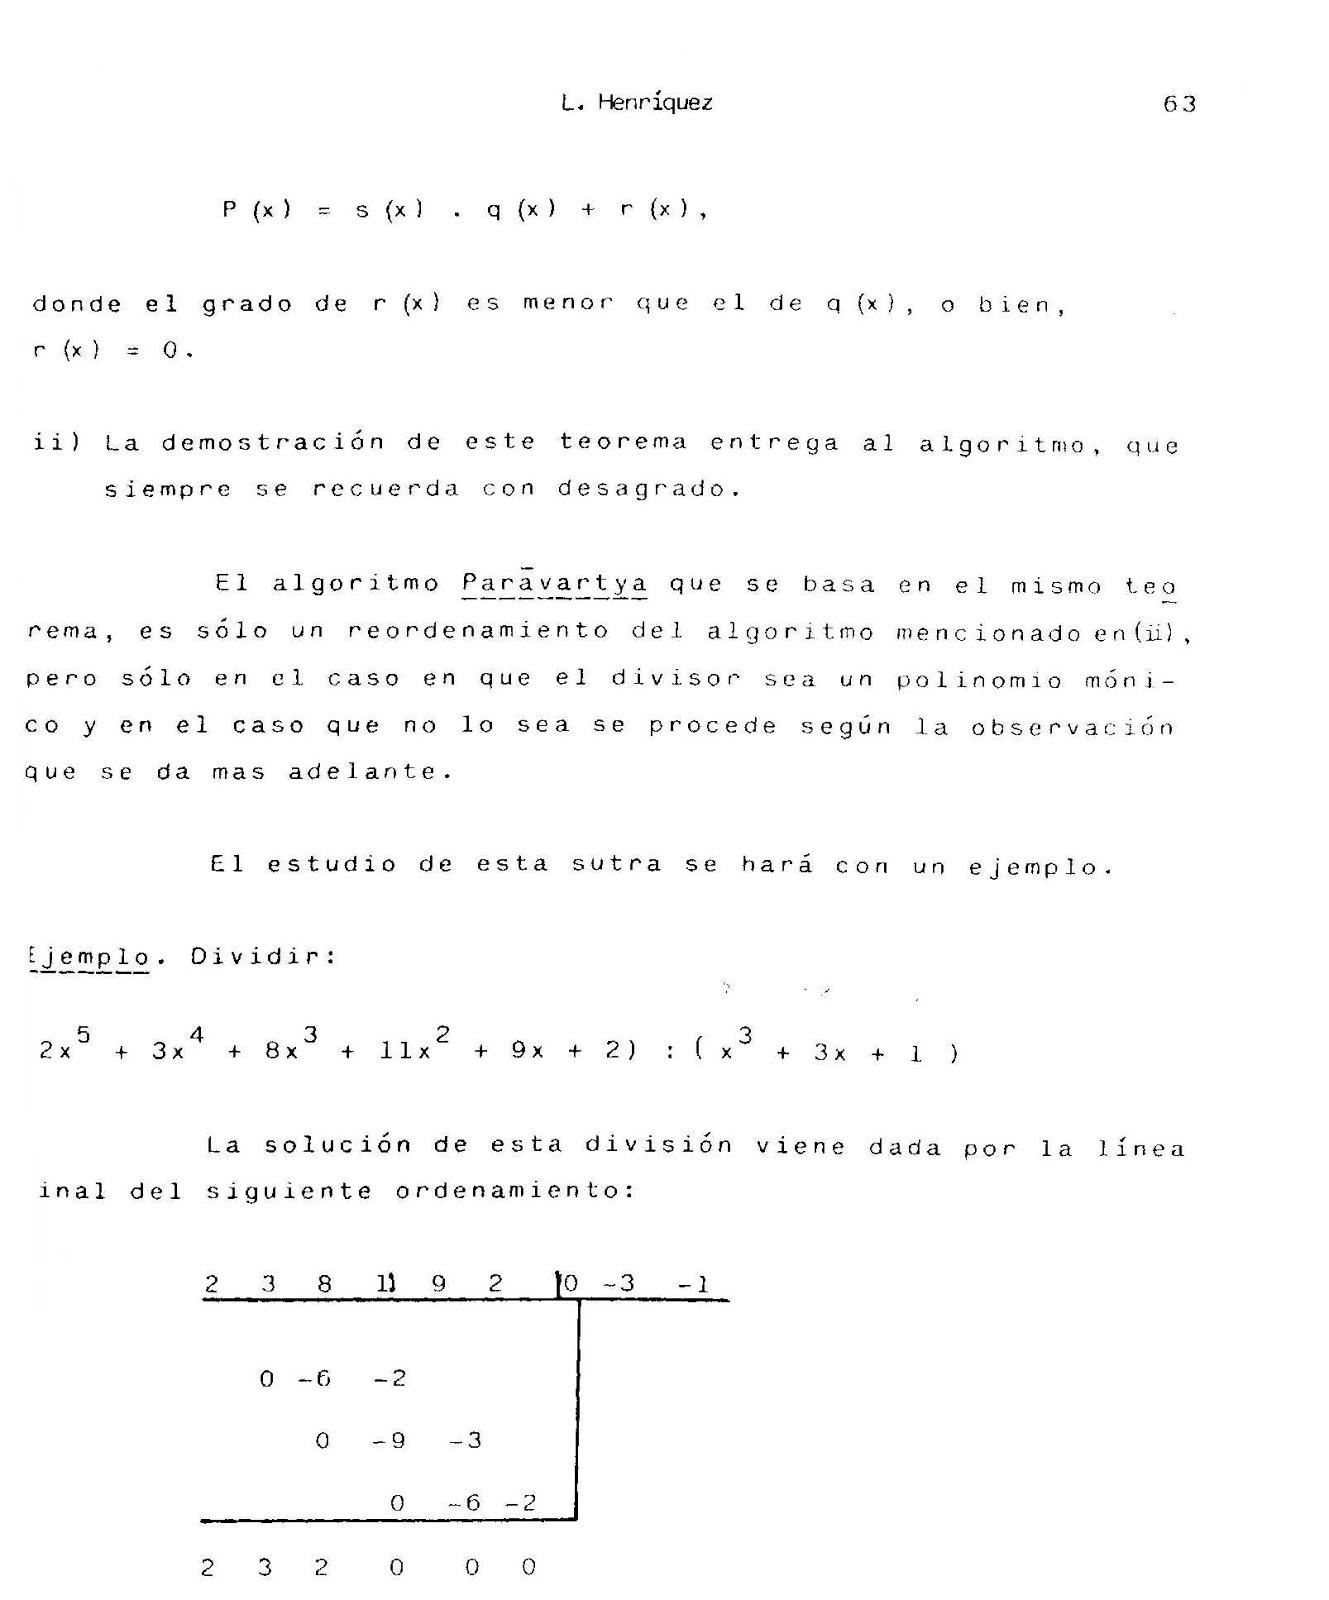 Algoritmos Hindúes_7_0001.jpg